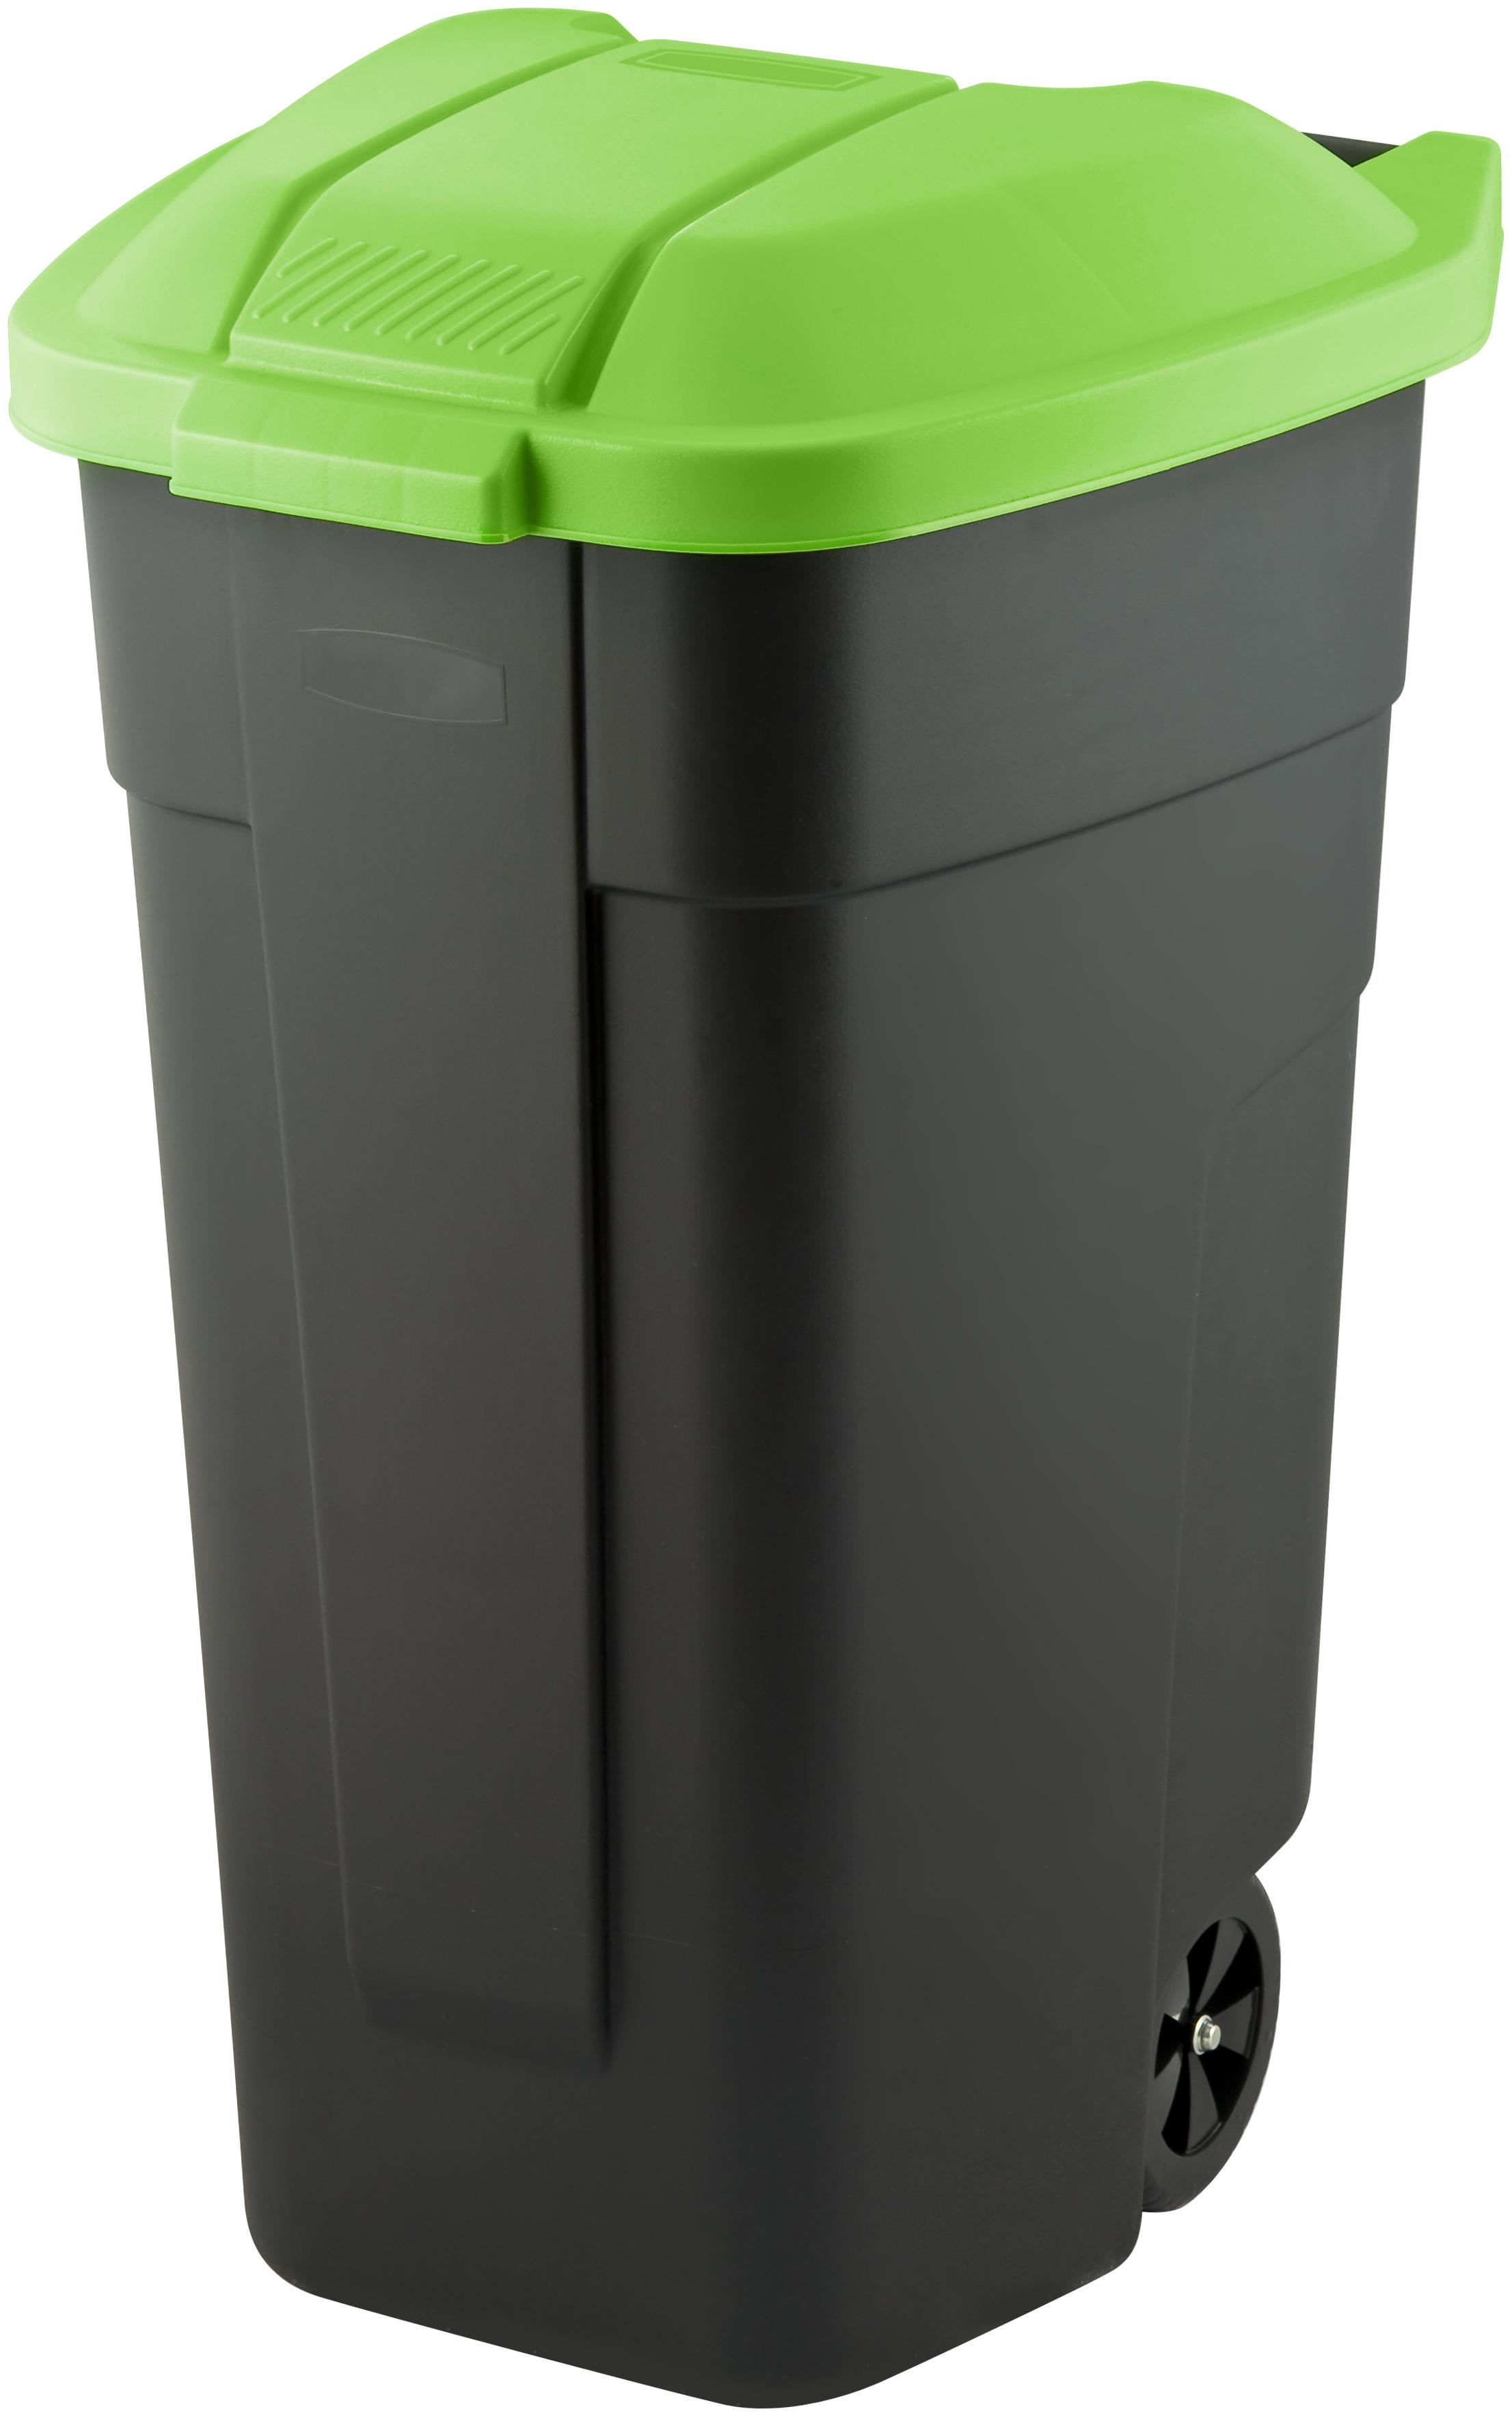 Bardzo dobra Pojemnik 110L na szkło, papier, plastik - pojemniki-sklep.pl QR71